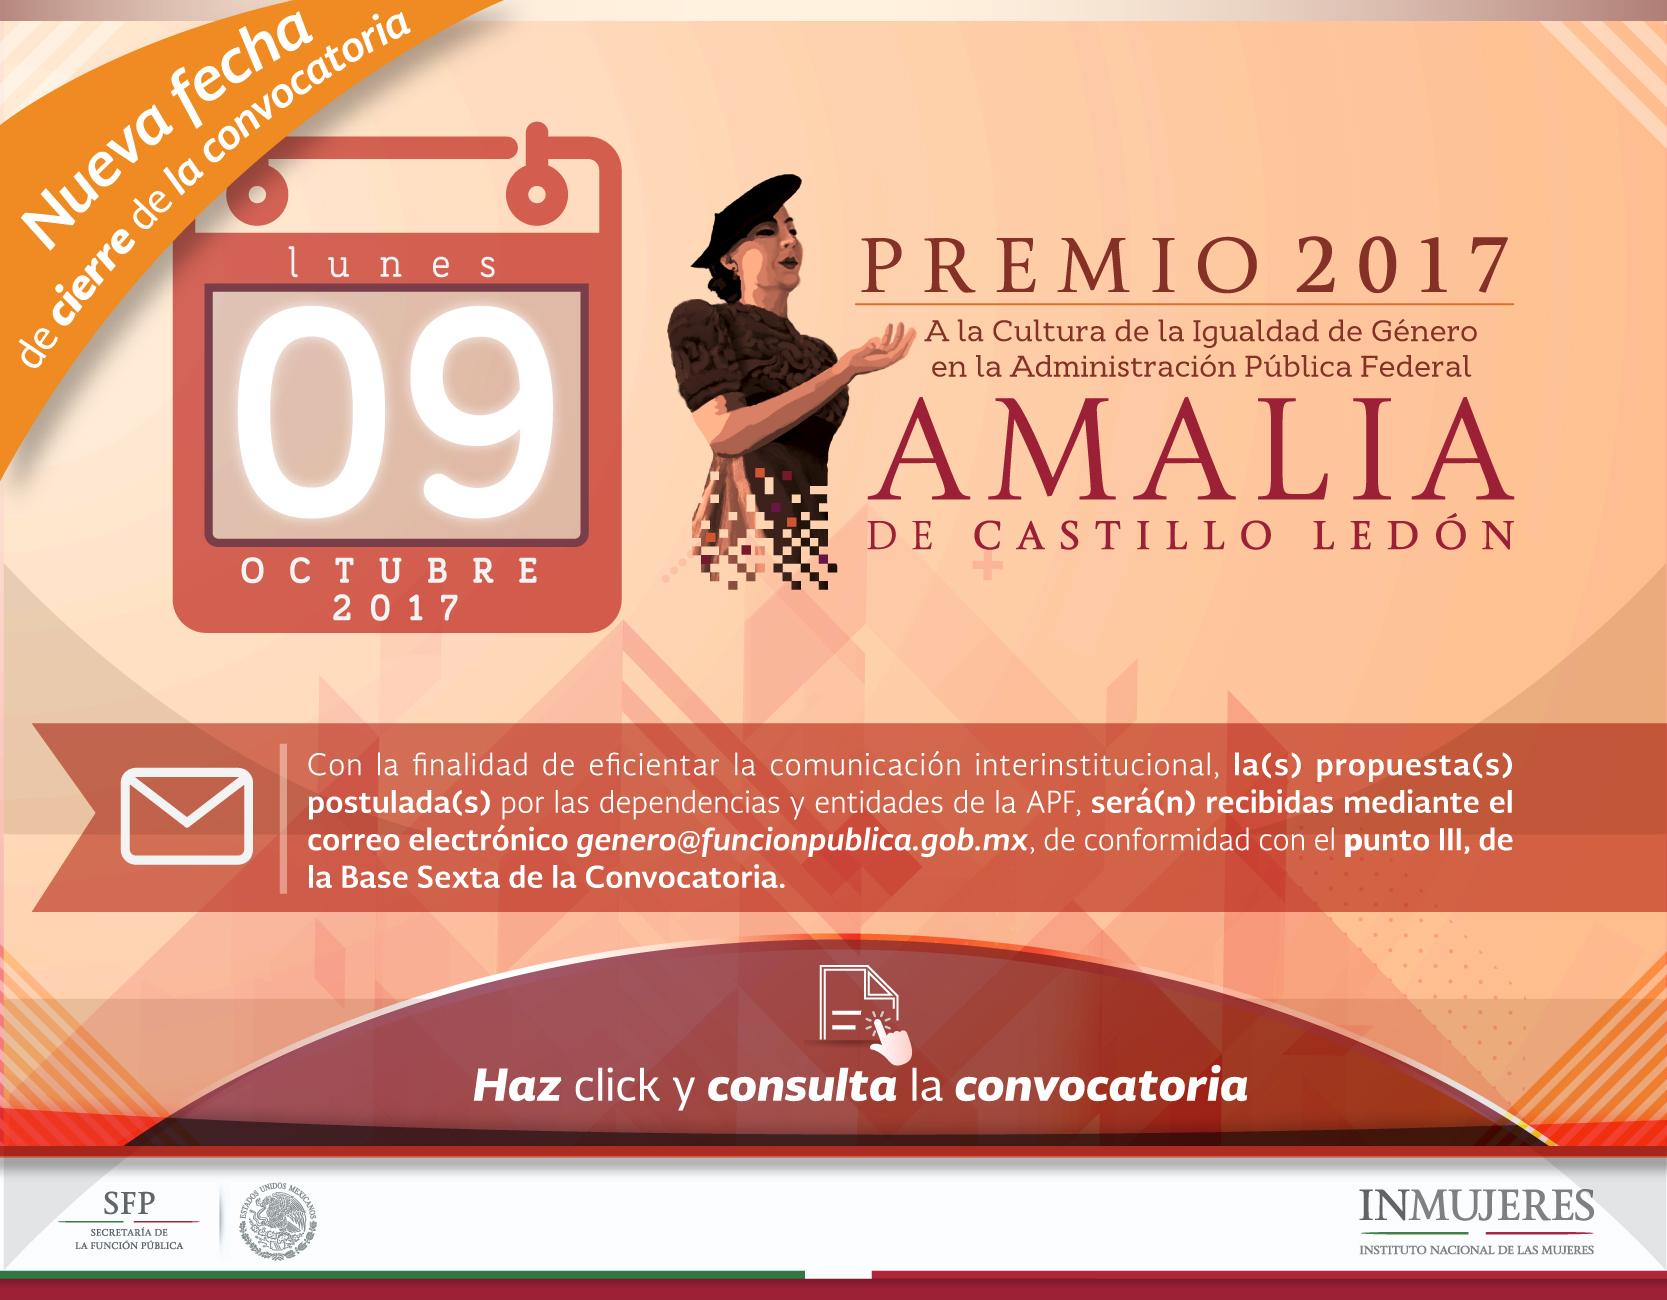 """Premio a la Cultura de la Igualdad de Género """"Amalia de Castillo Ledón"""""""